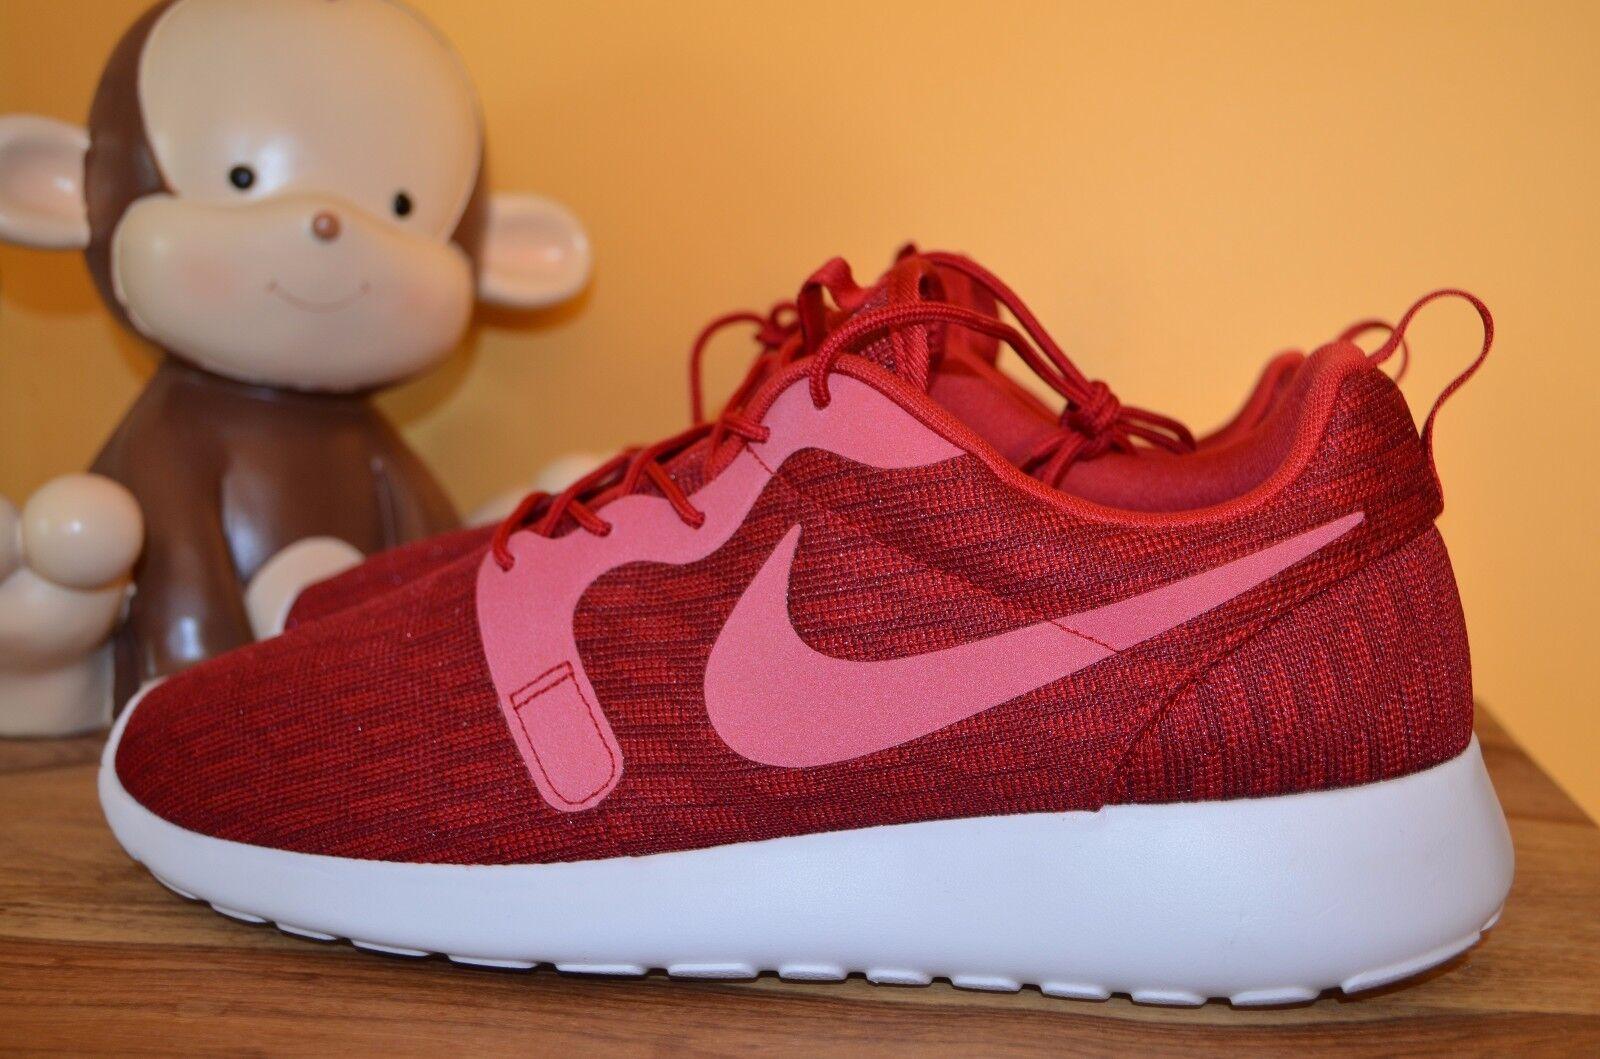 b82f489503bd NEW NIKE ROSHE ONE KJCRD Running shoes MENS SZ 13 Gym Red Black 777429-